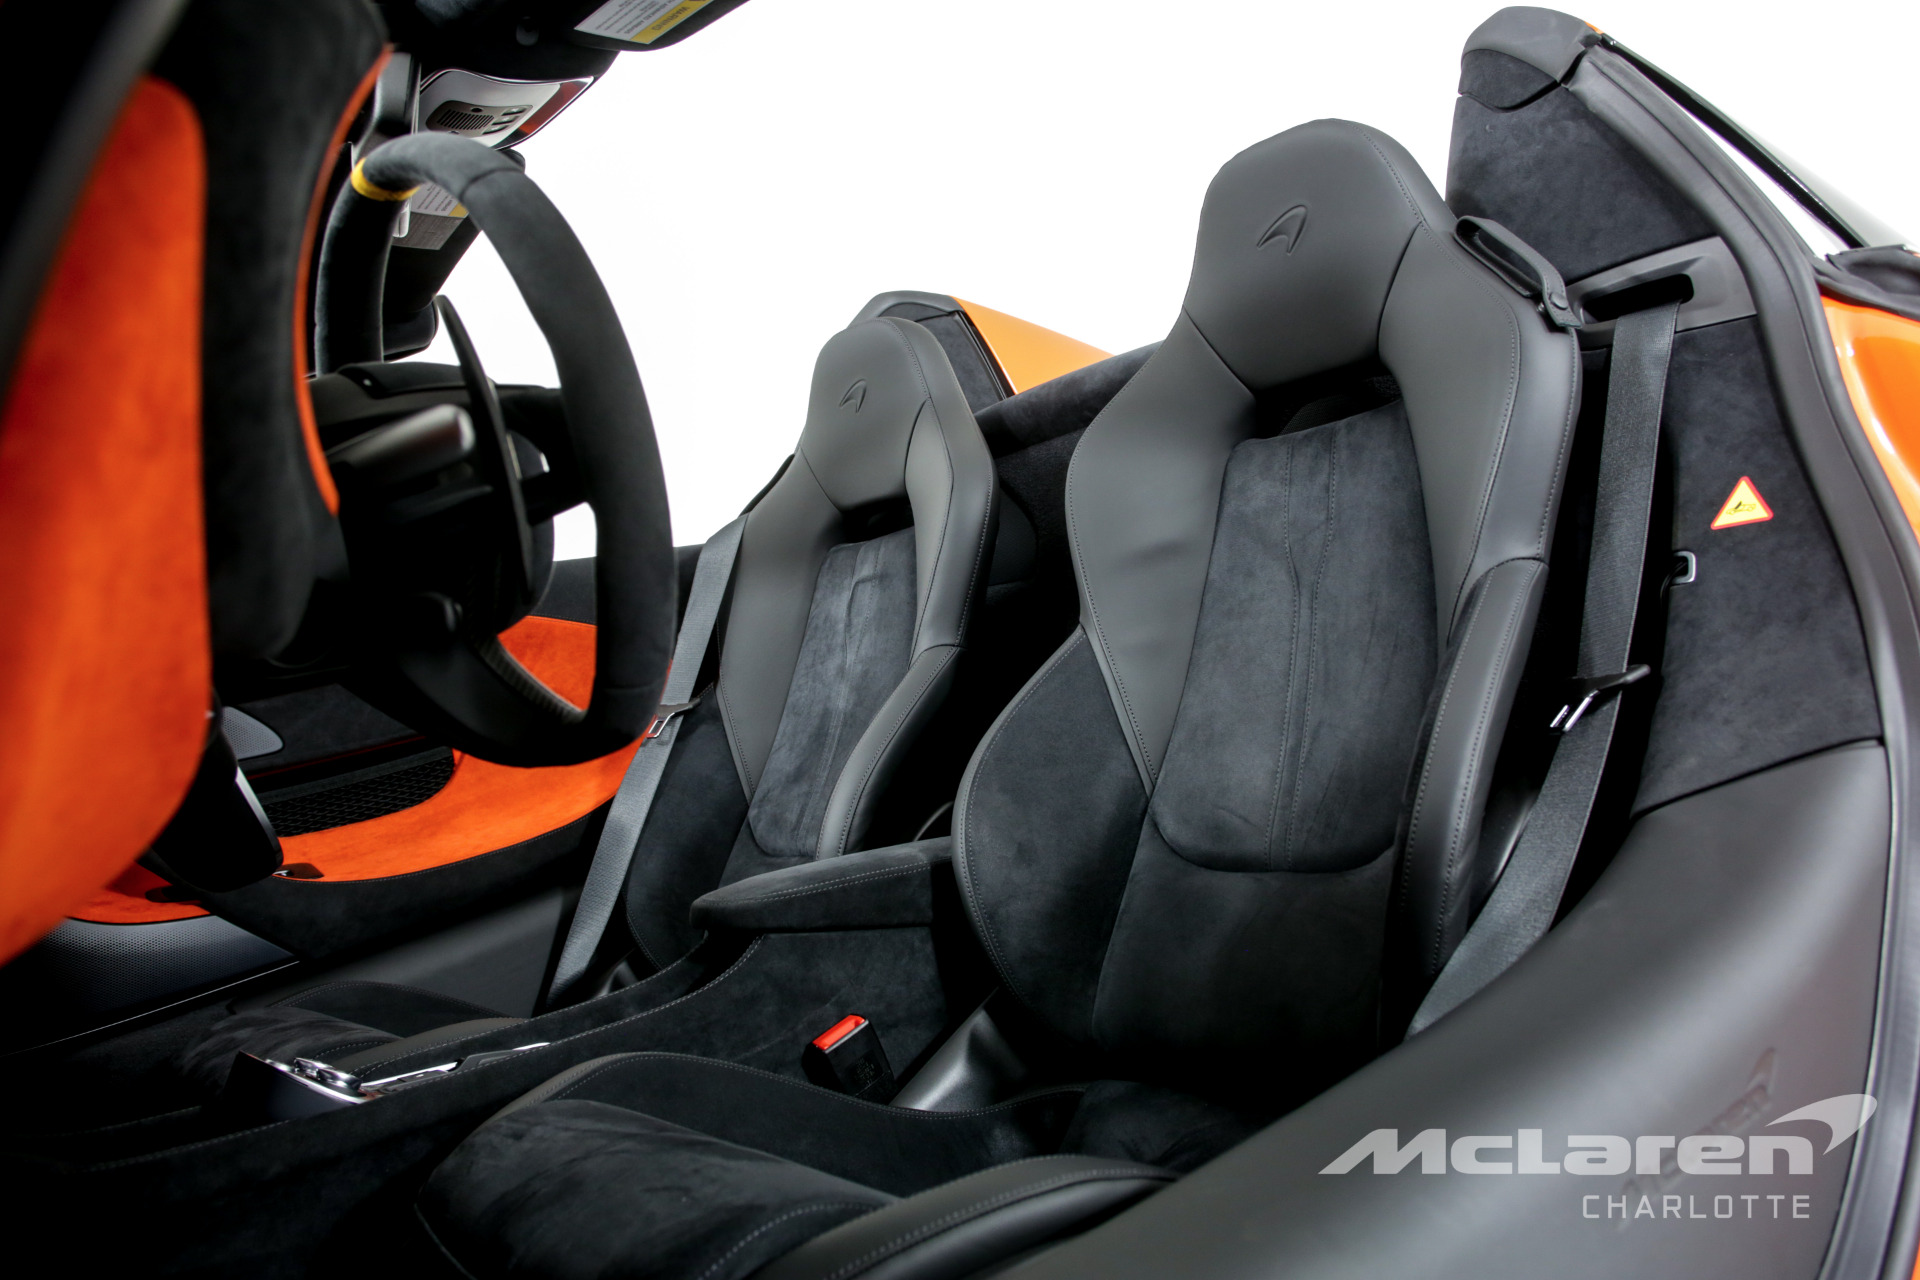 Used 2020 McLaren 600LT Spider Base | Charlotte, NC